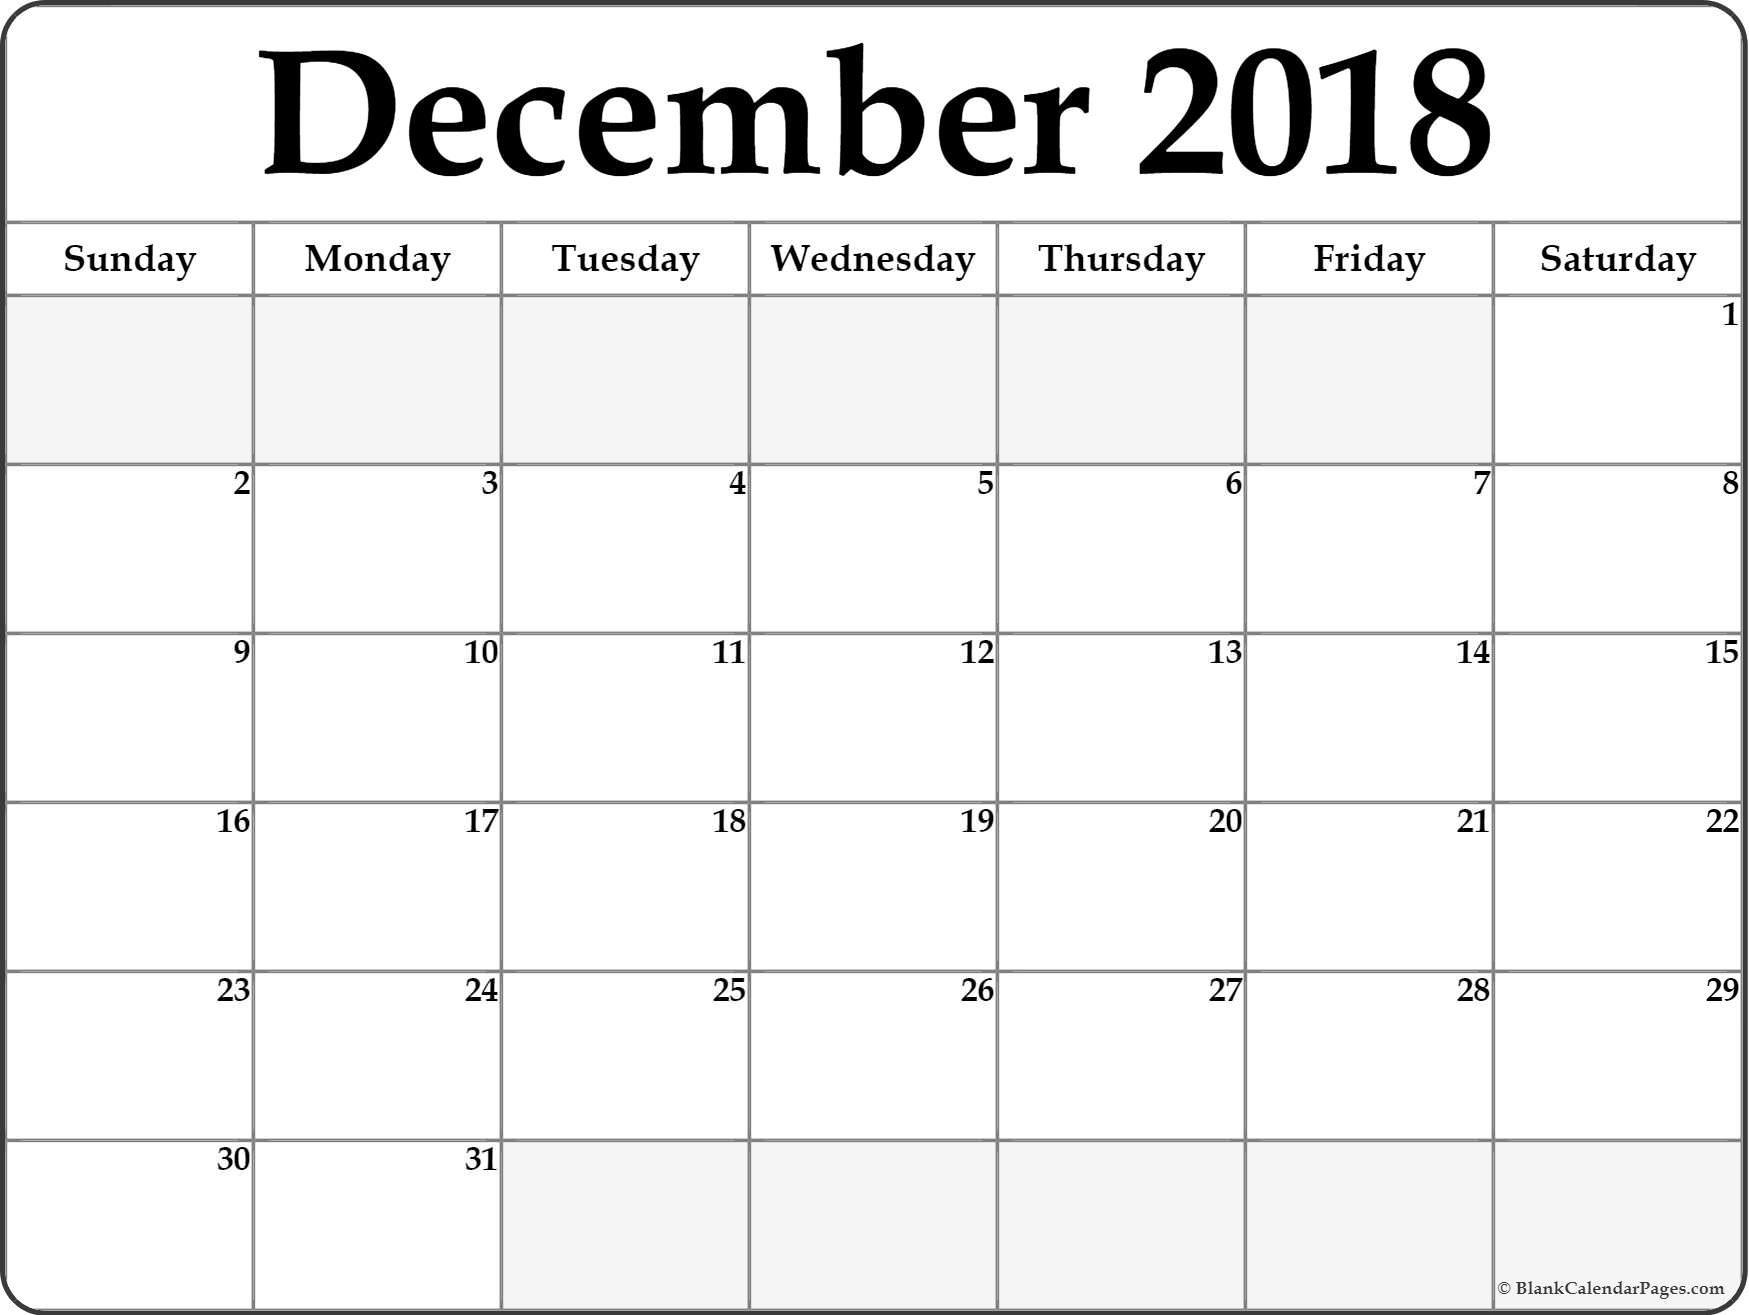 December 2018 Blank Calendar . December 2018 Calendar Printable regarding Blank Dec Calendar Printable